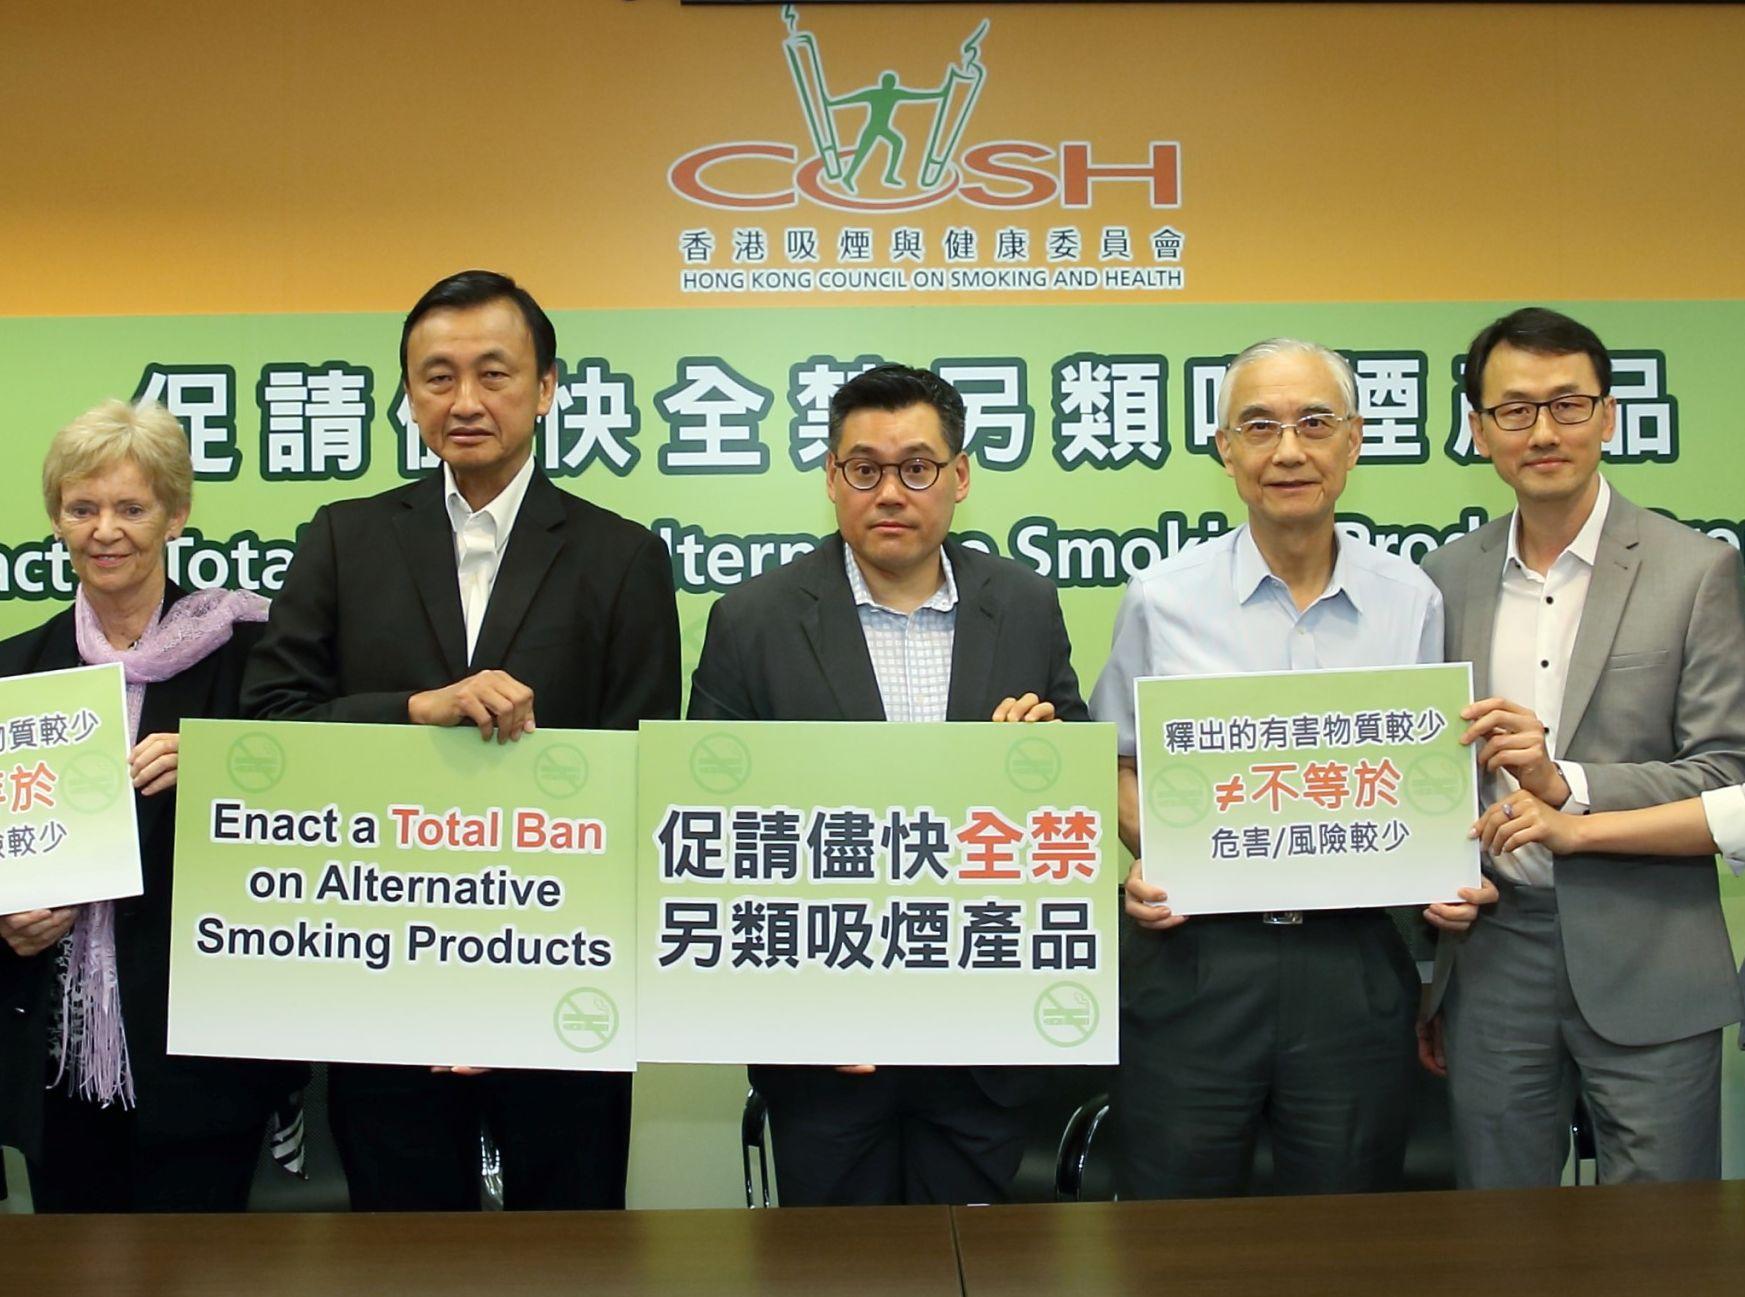 香港吸煙與健康委員會圖片